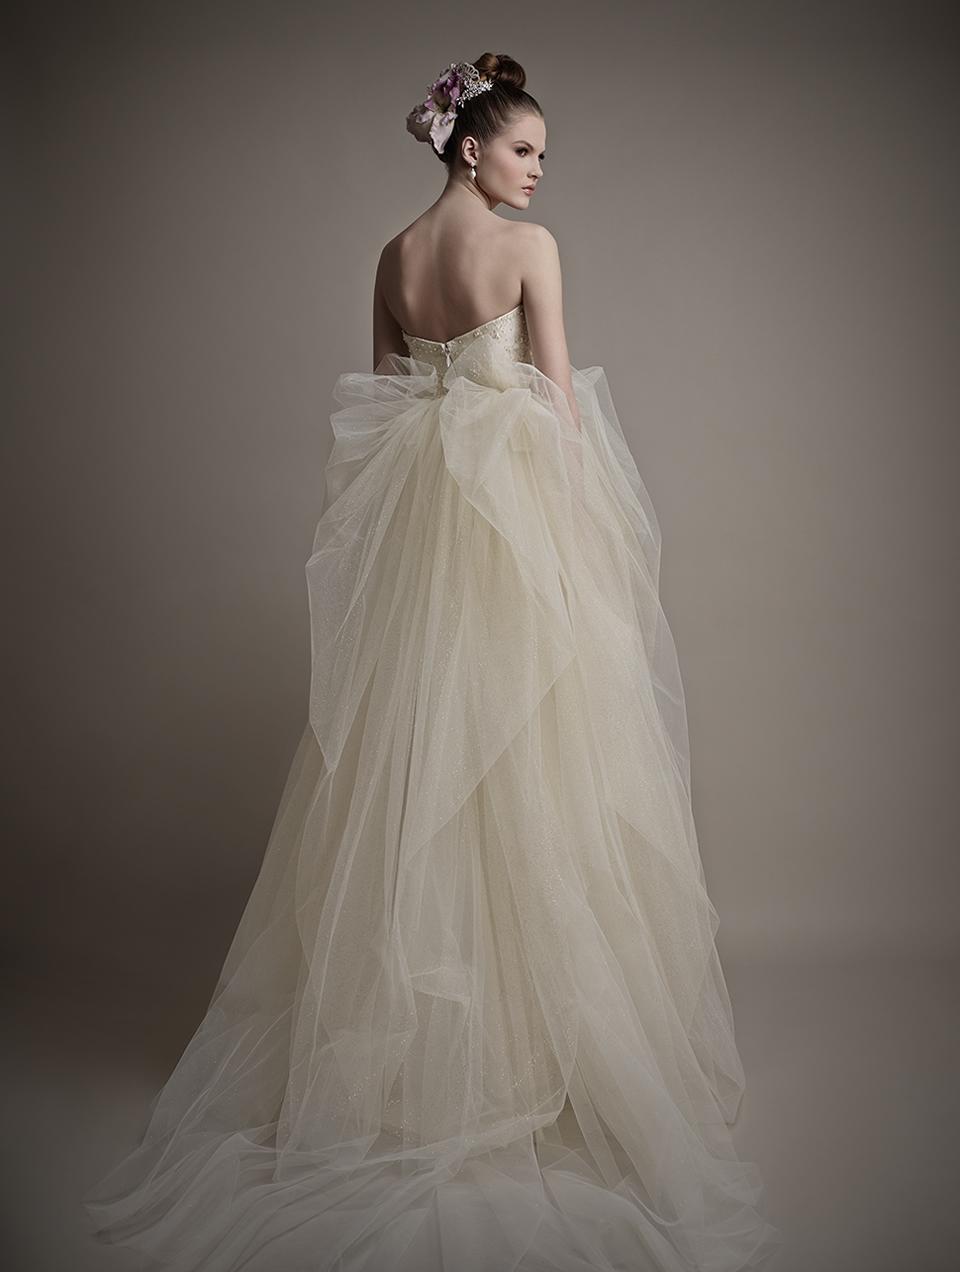 Коллекция свадебных платьев 2015 года от Ersa Atelier3-1